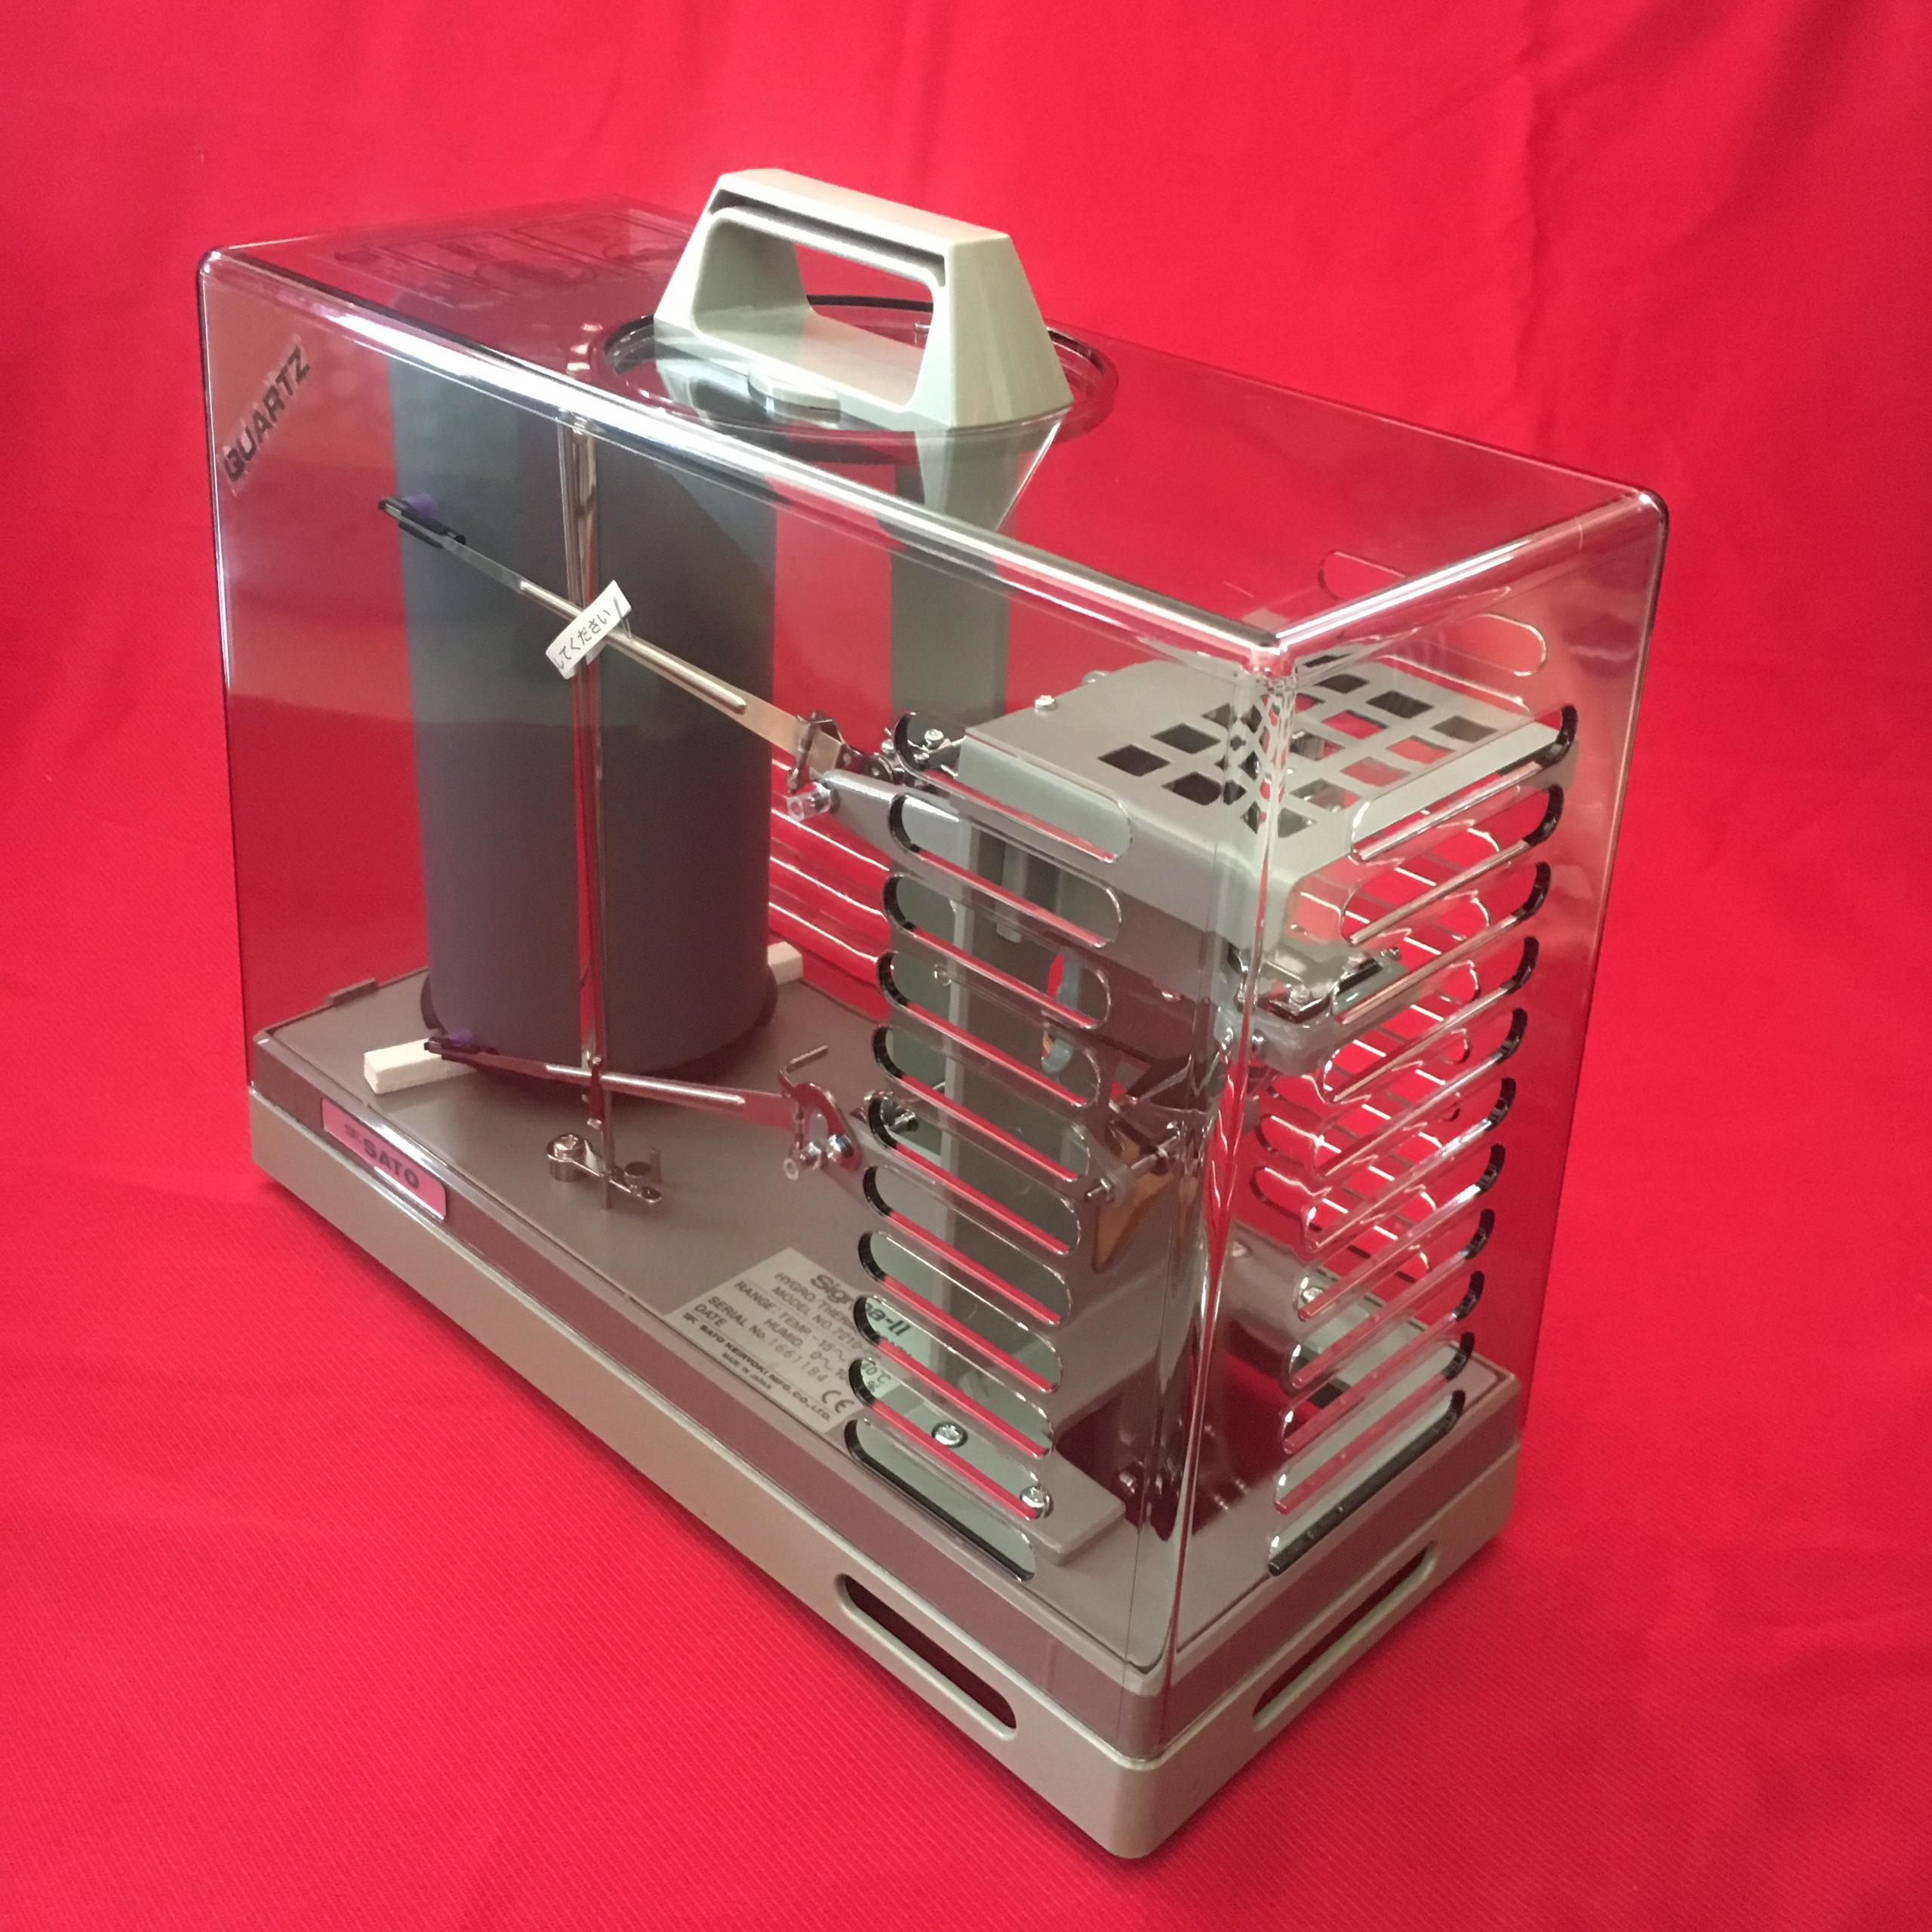 Nhiệt Ẩm Kế Sigma II -15 đến 40°C nhiệt ẩm kế Sigma II dùng trong phòng thí nghiệm Sato, 7210-00, SIGMA II Thermohygrometer -15  to 40°C 7210-00 NSII-Q SATO